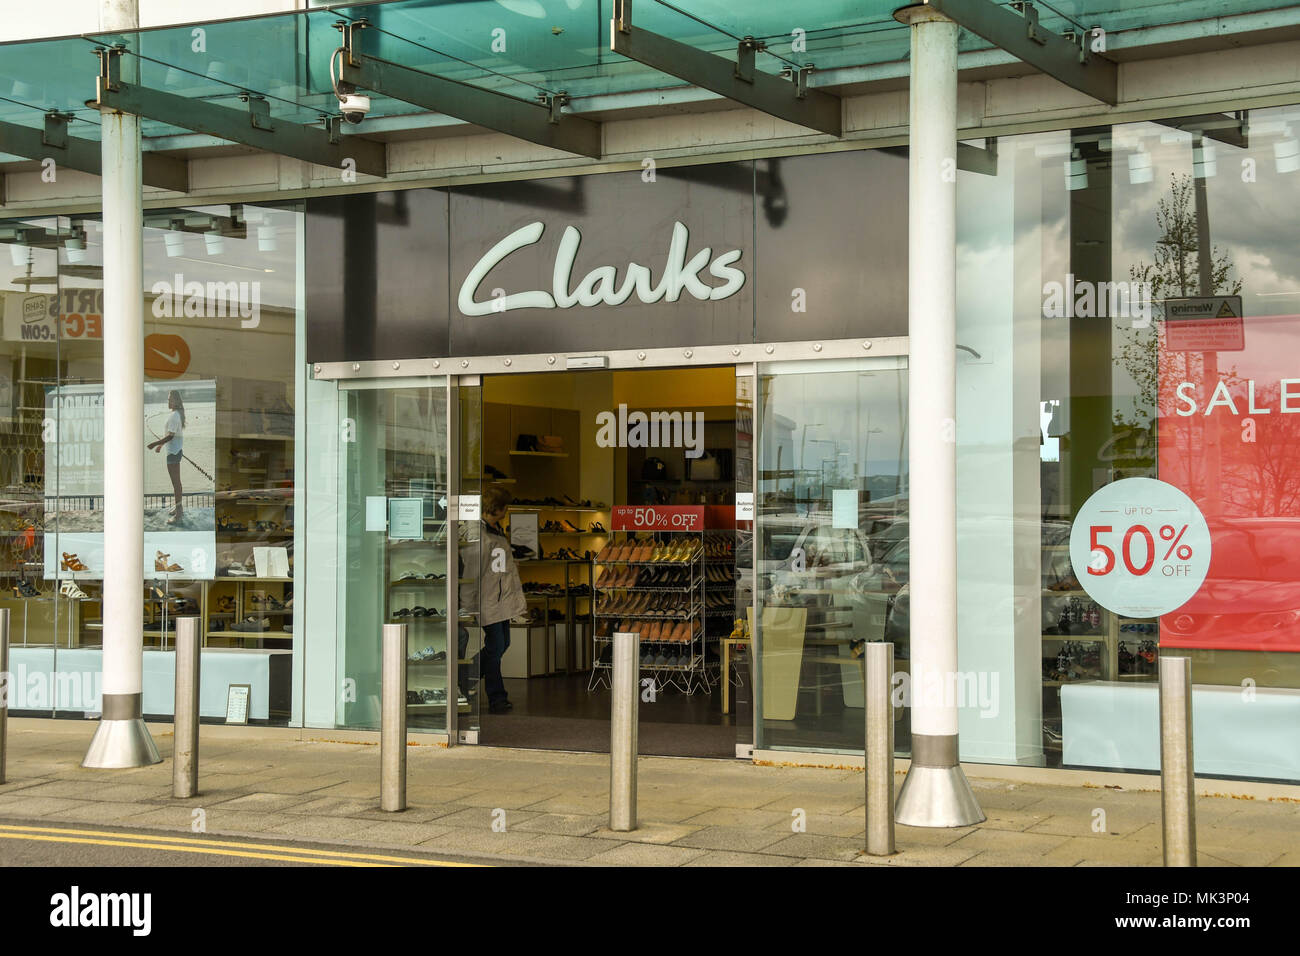 Clarks Shoe Shop Doncaster